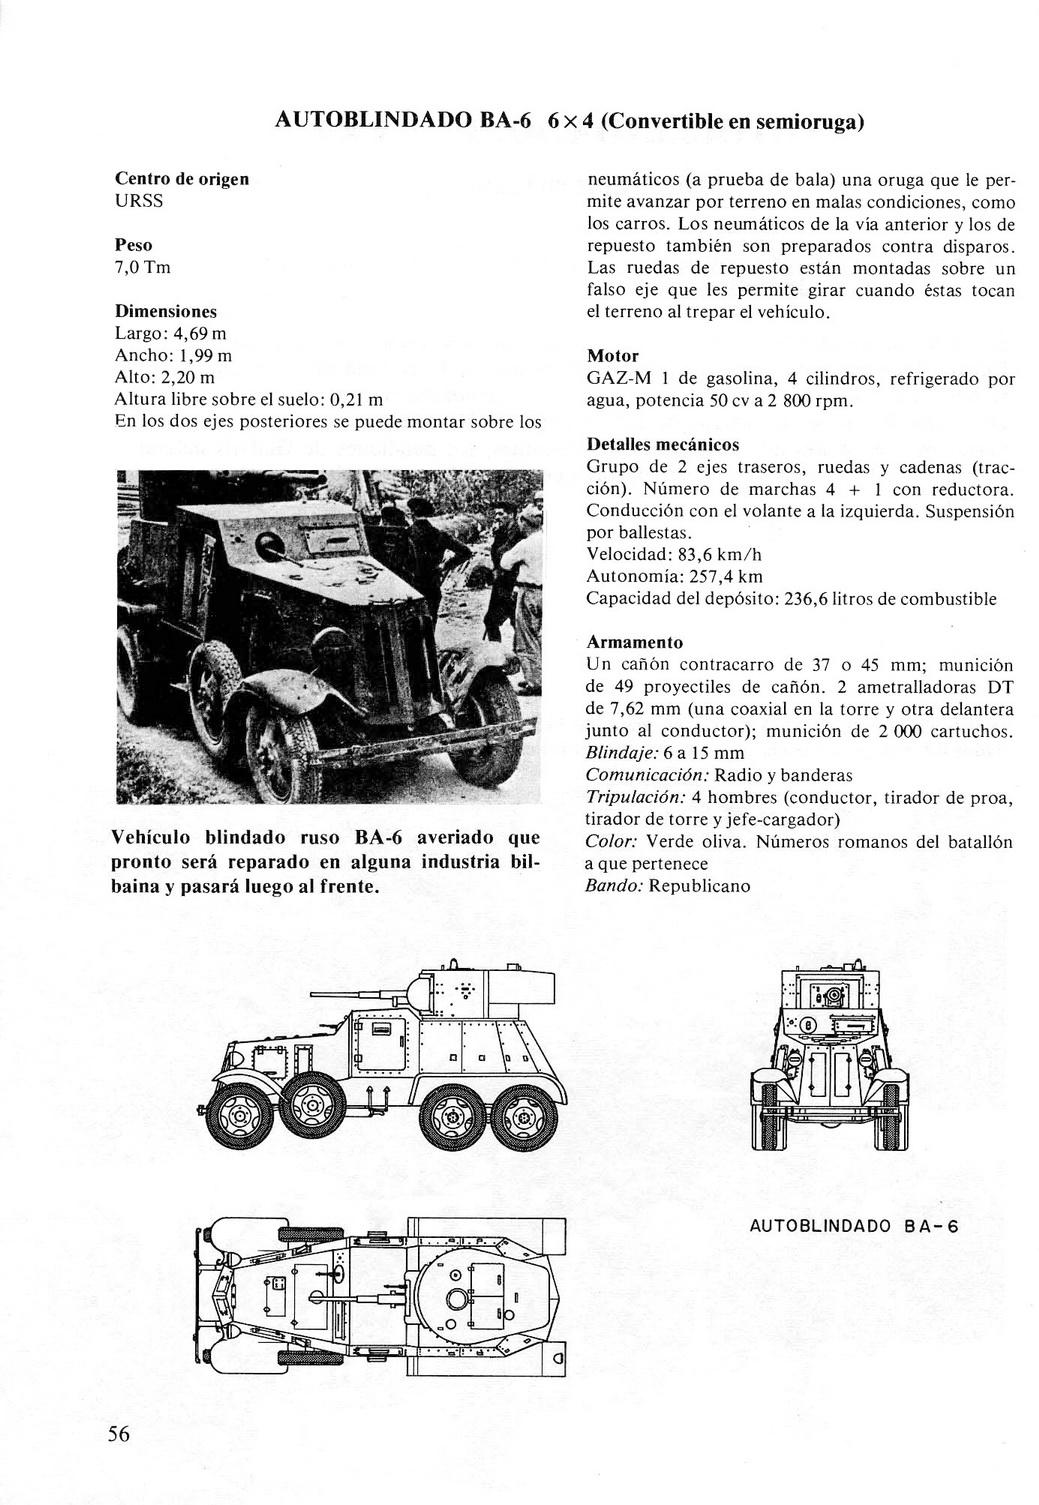 Carros De Combate Y Vehiculos Blindados De La Guerra 1936 1939 [F.C.Albert 1980]_Страница_054.jpg